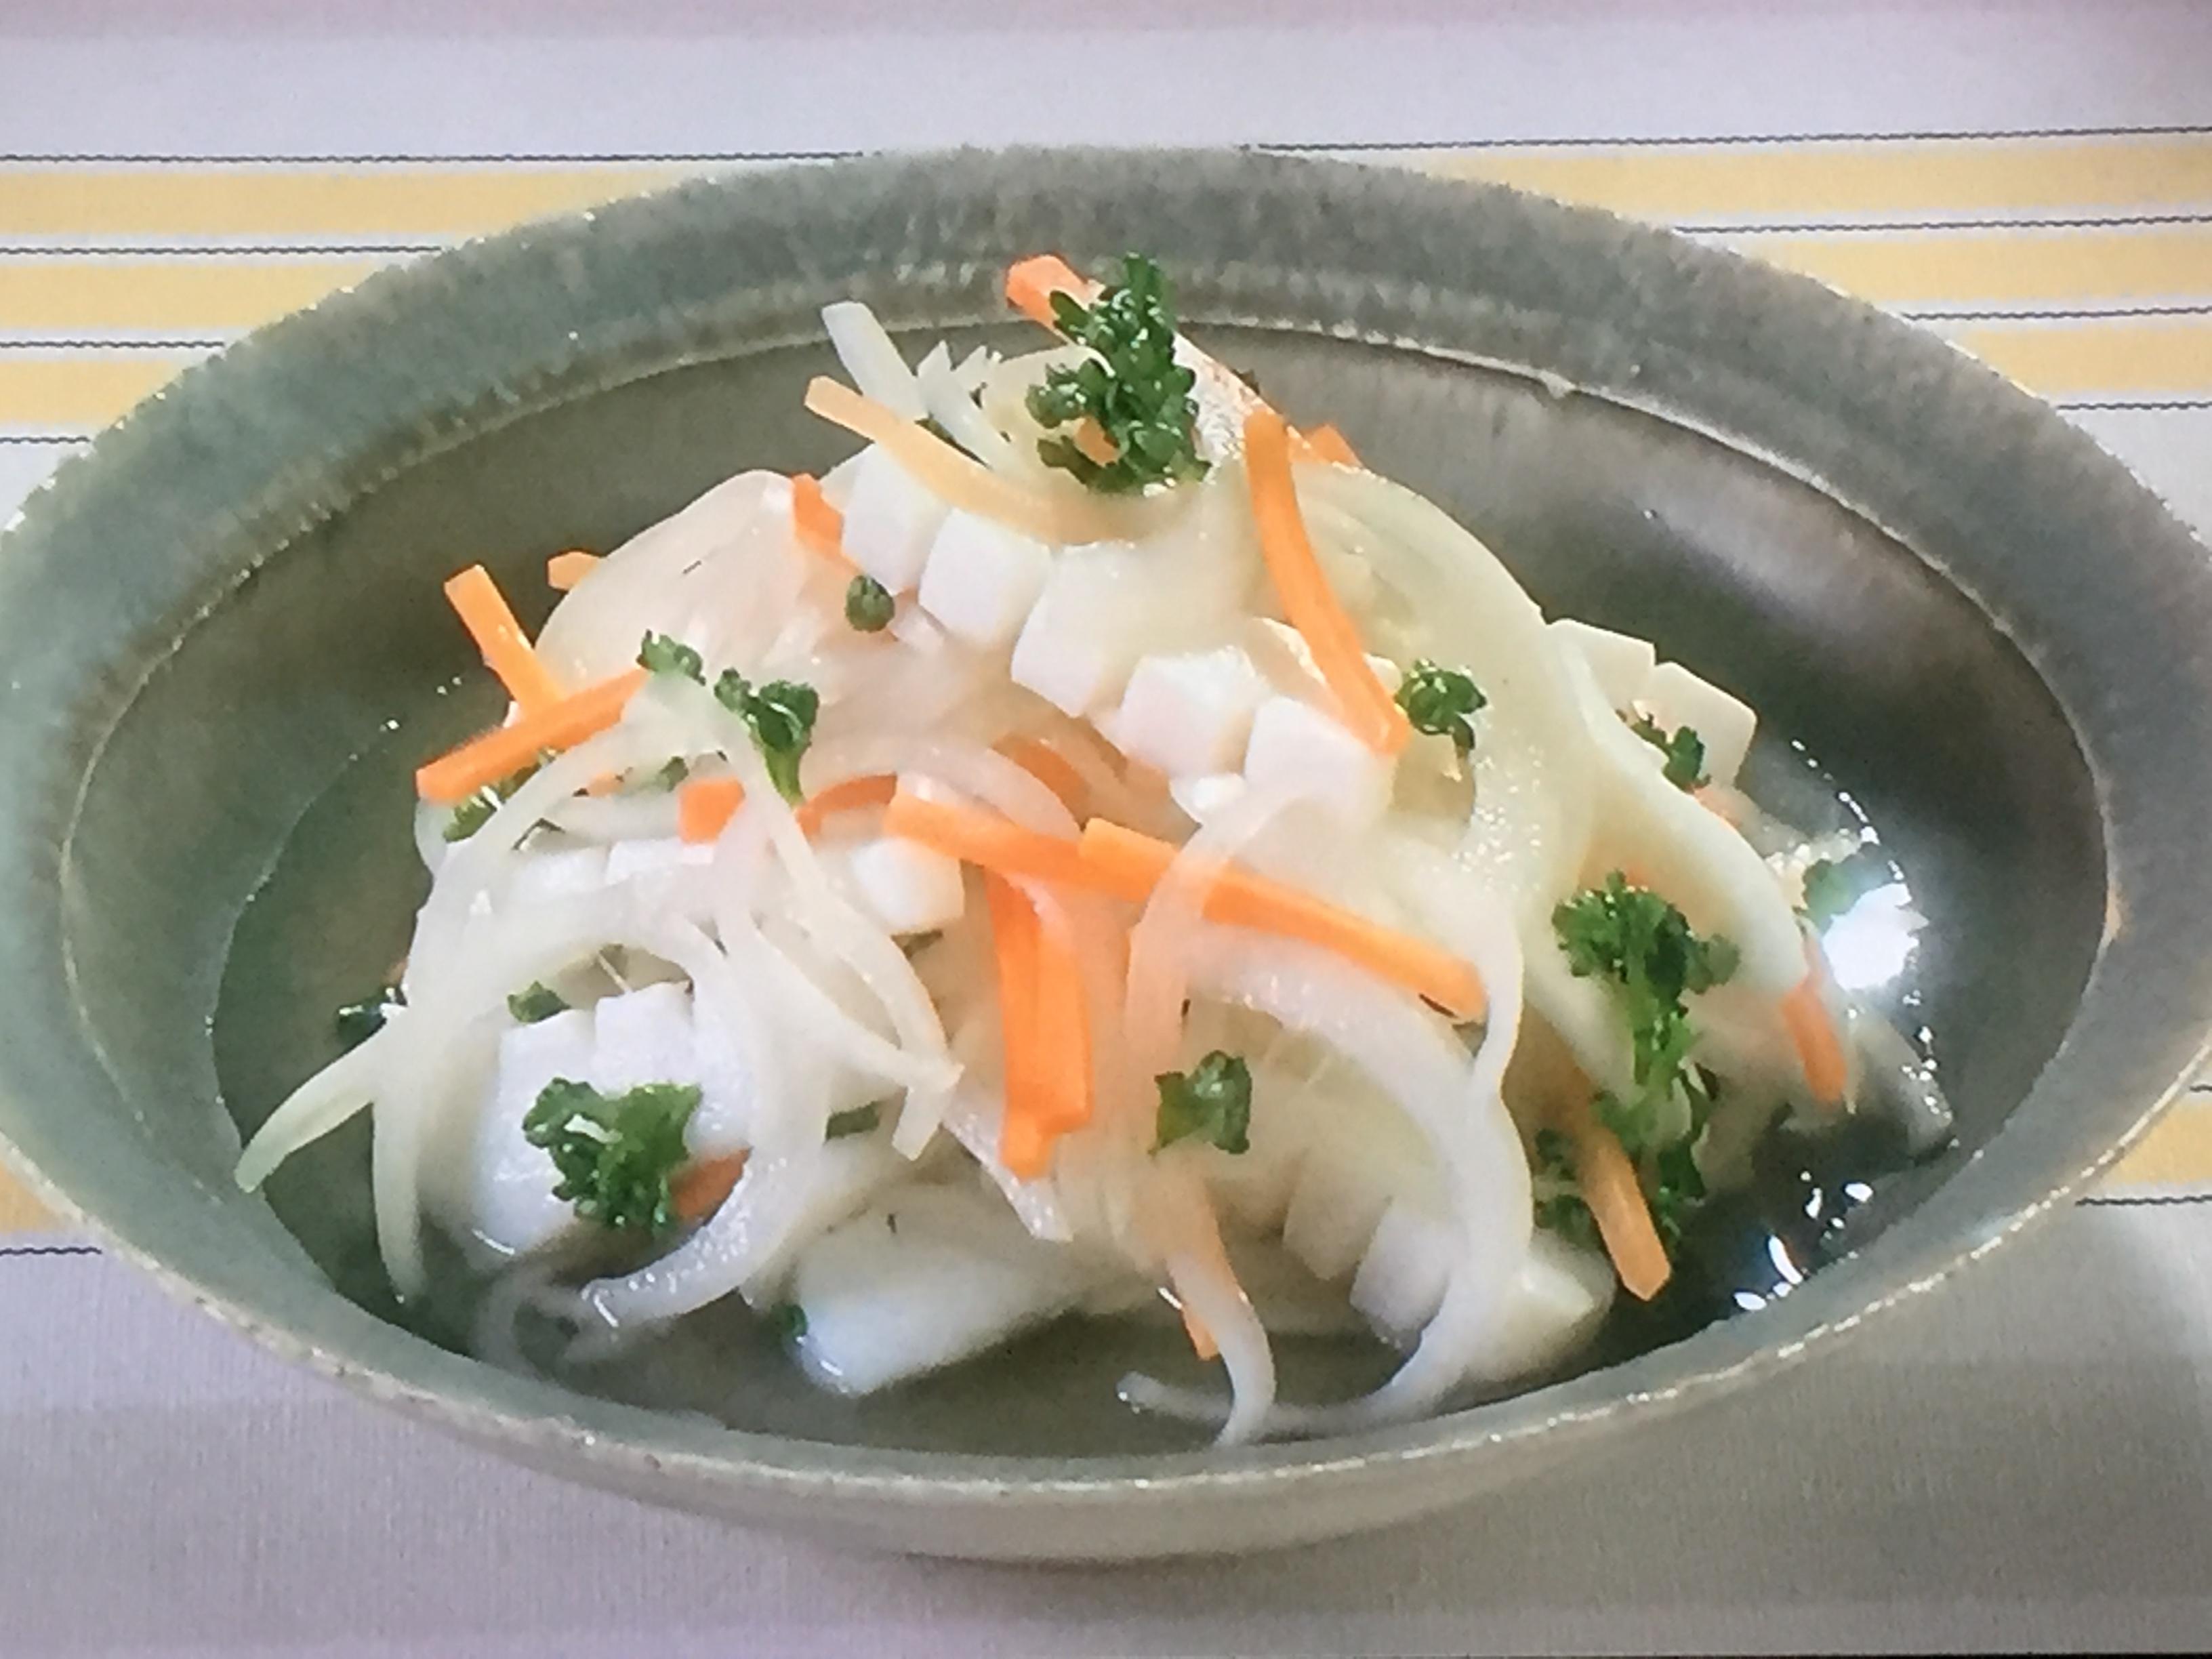 NHKきょうの料理ビギナーズはいかとたまねぎのマリネ